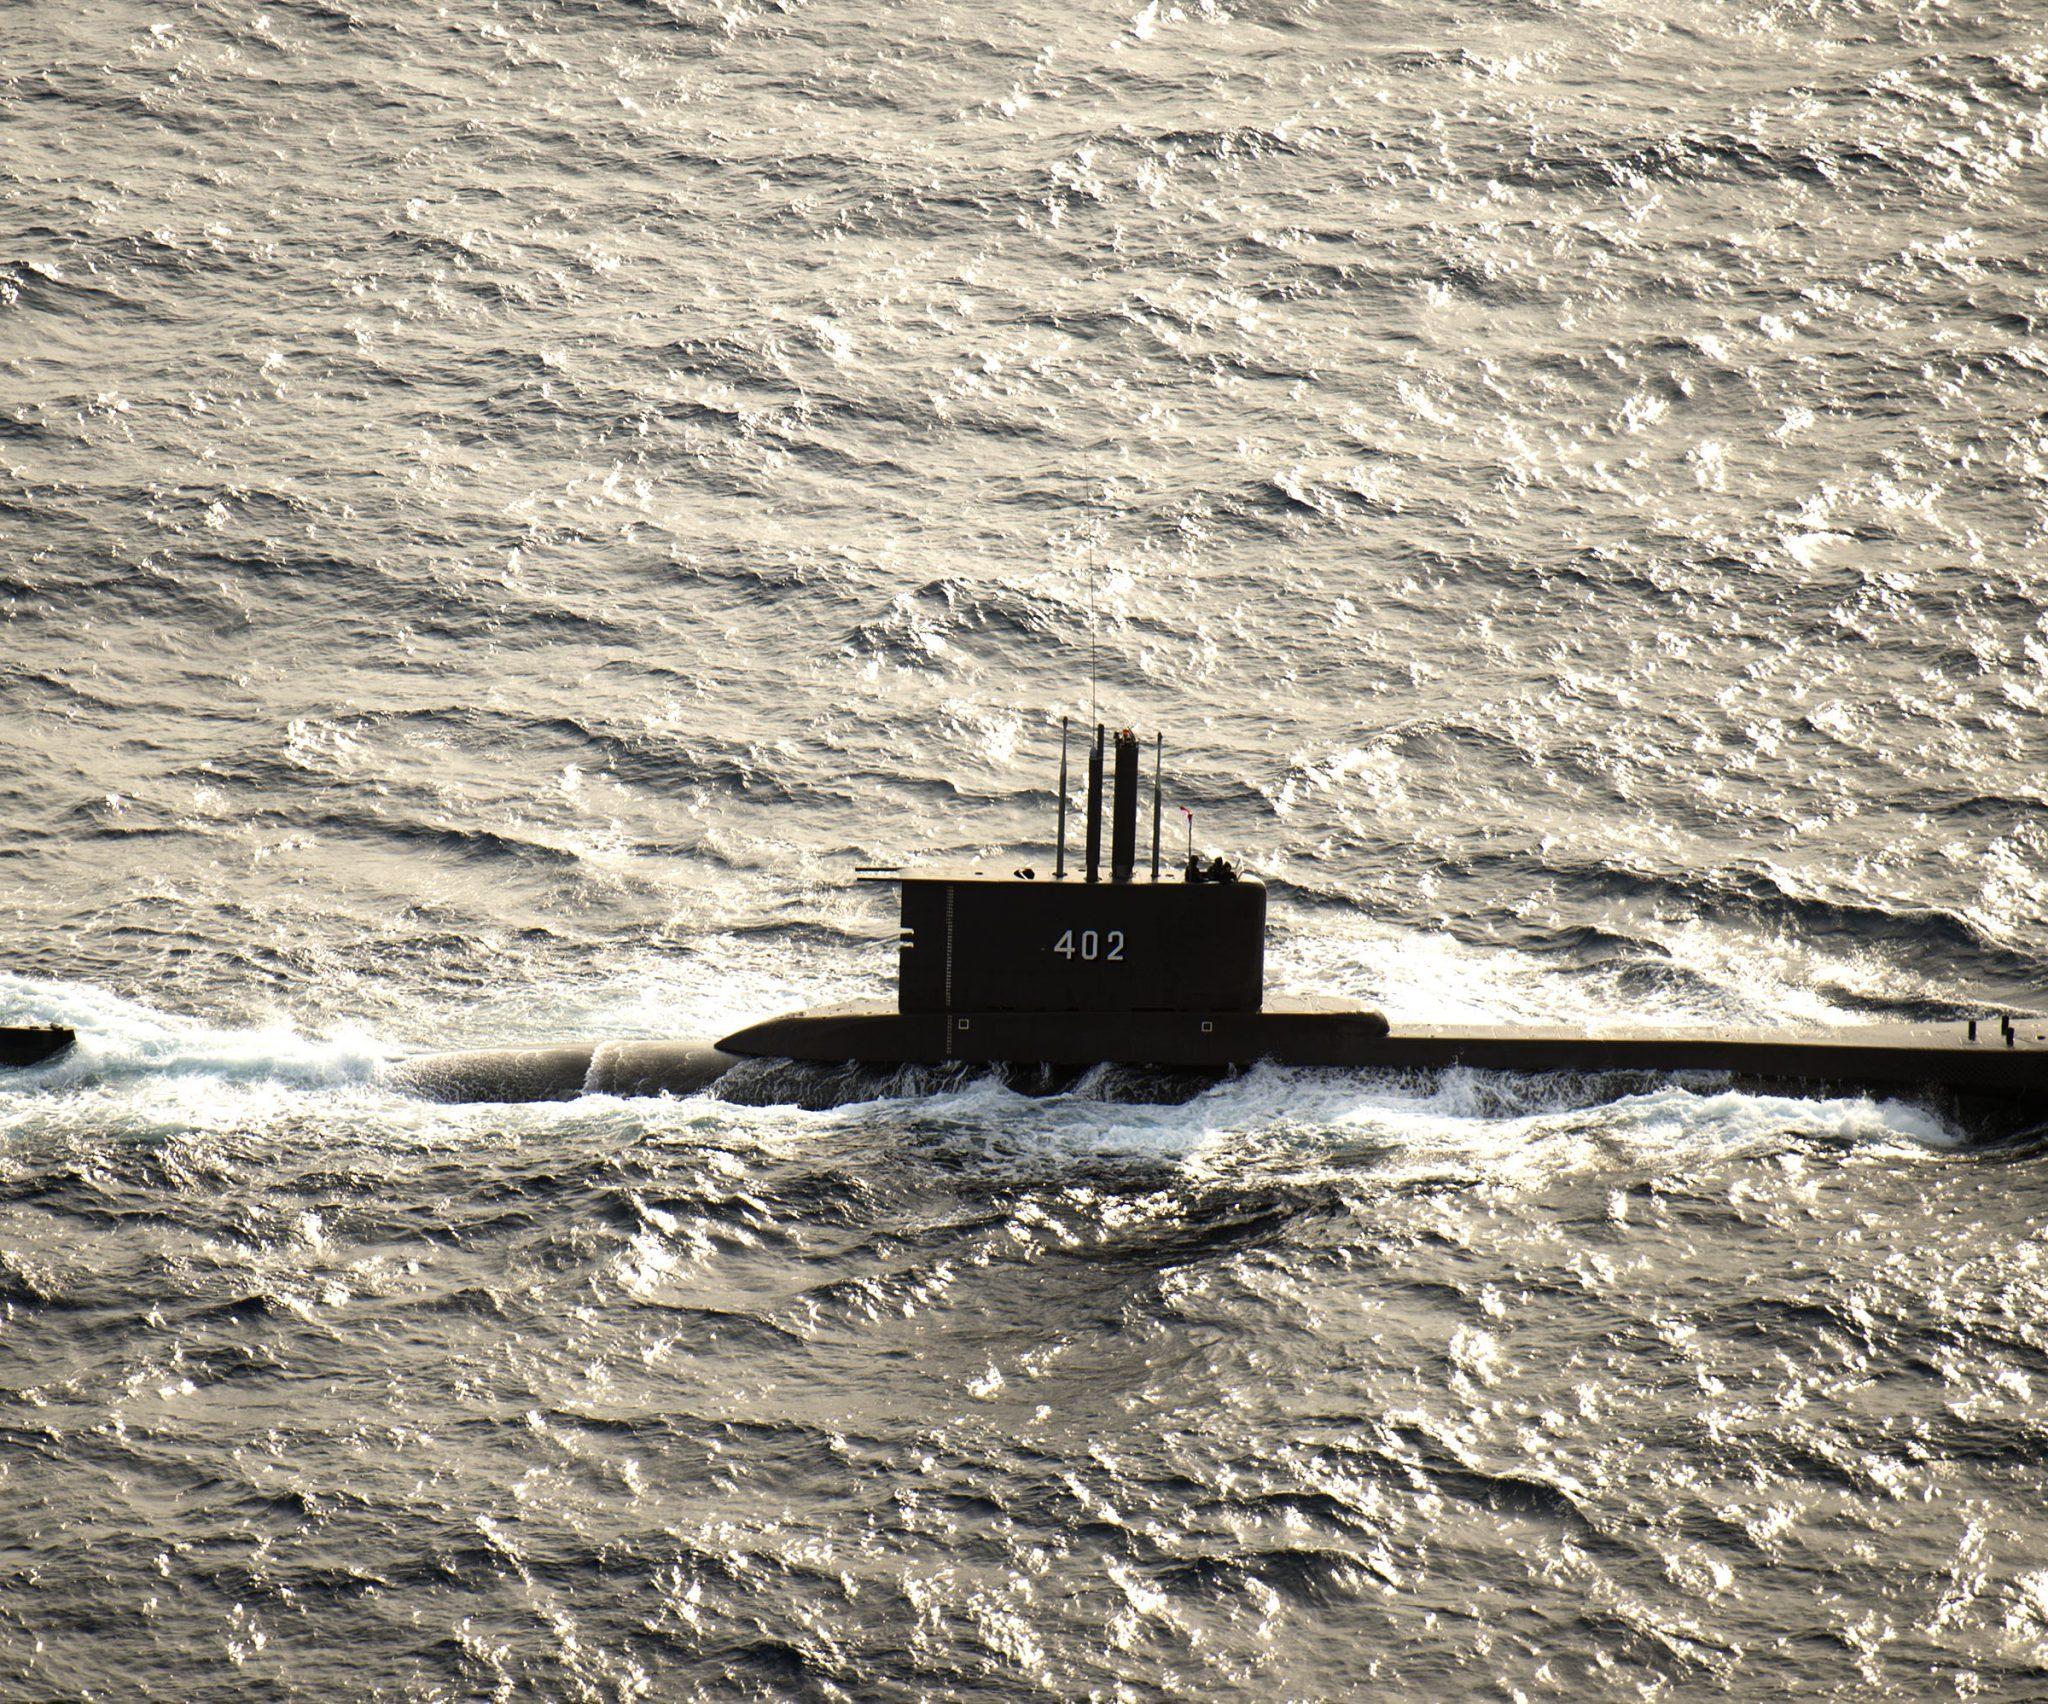 De 44 jaar oude KRI Nanggala-402 verdween woensdag van de rader, op zo'n 95 kilometer van de kust van Bali. Foto Wikipedia